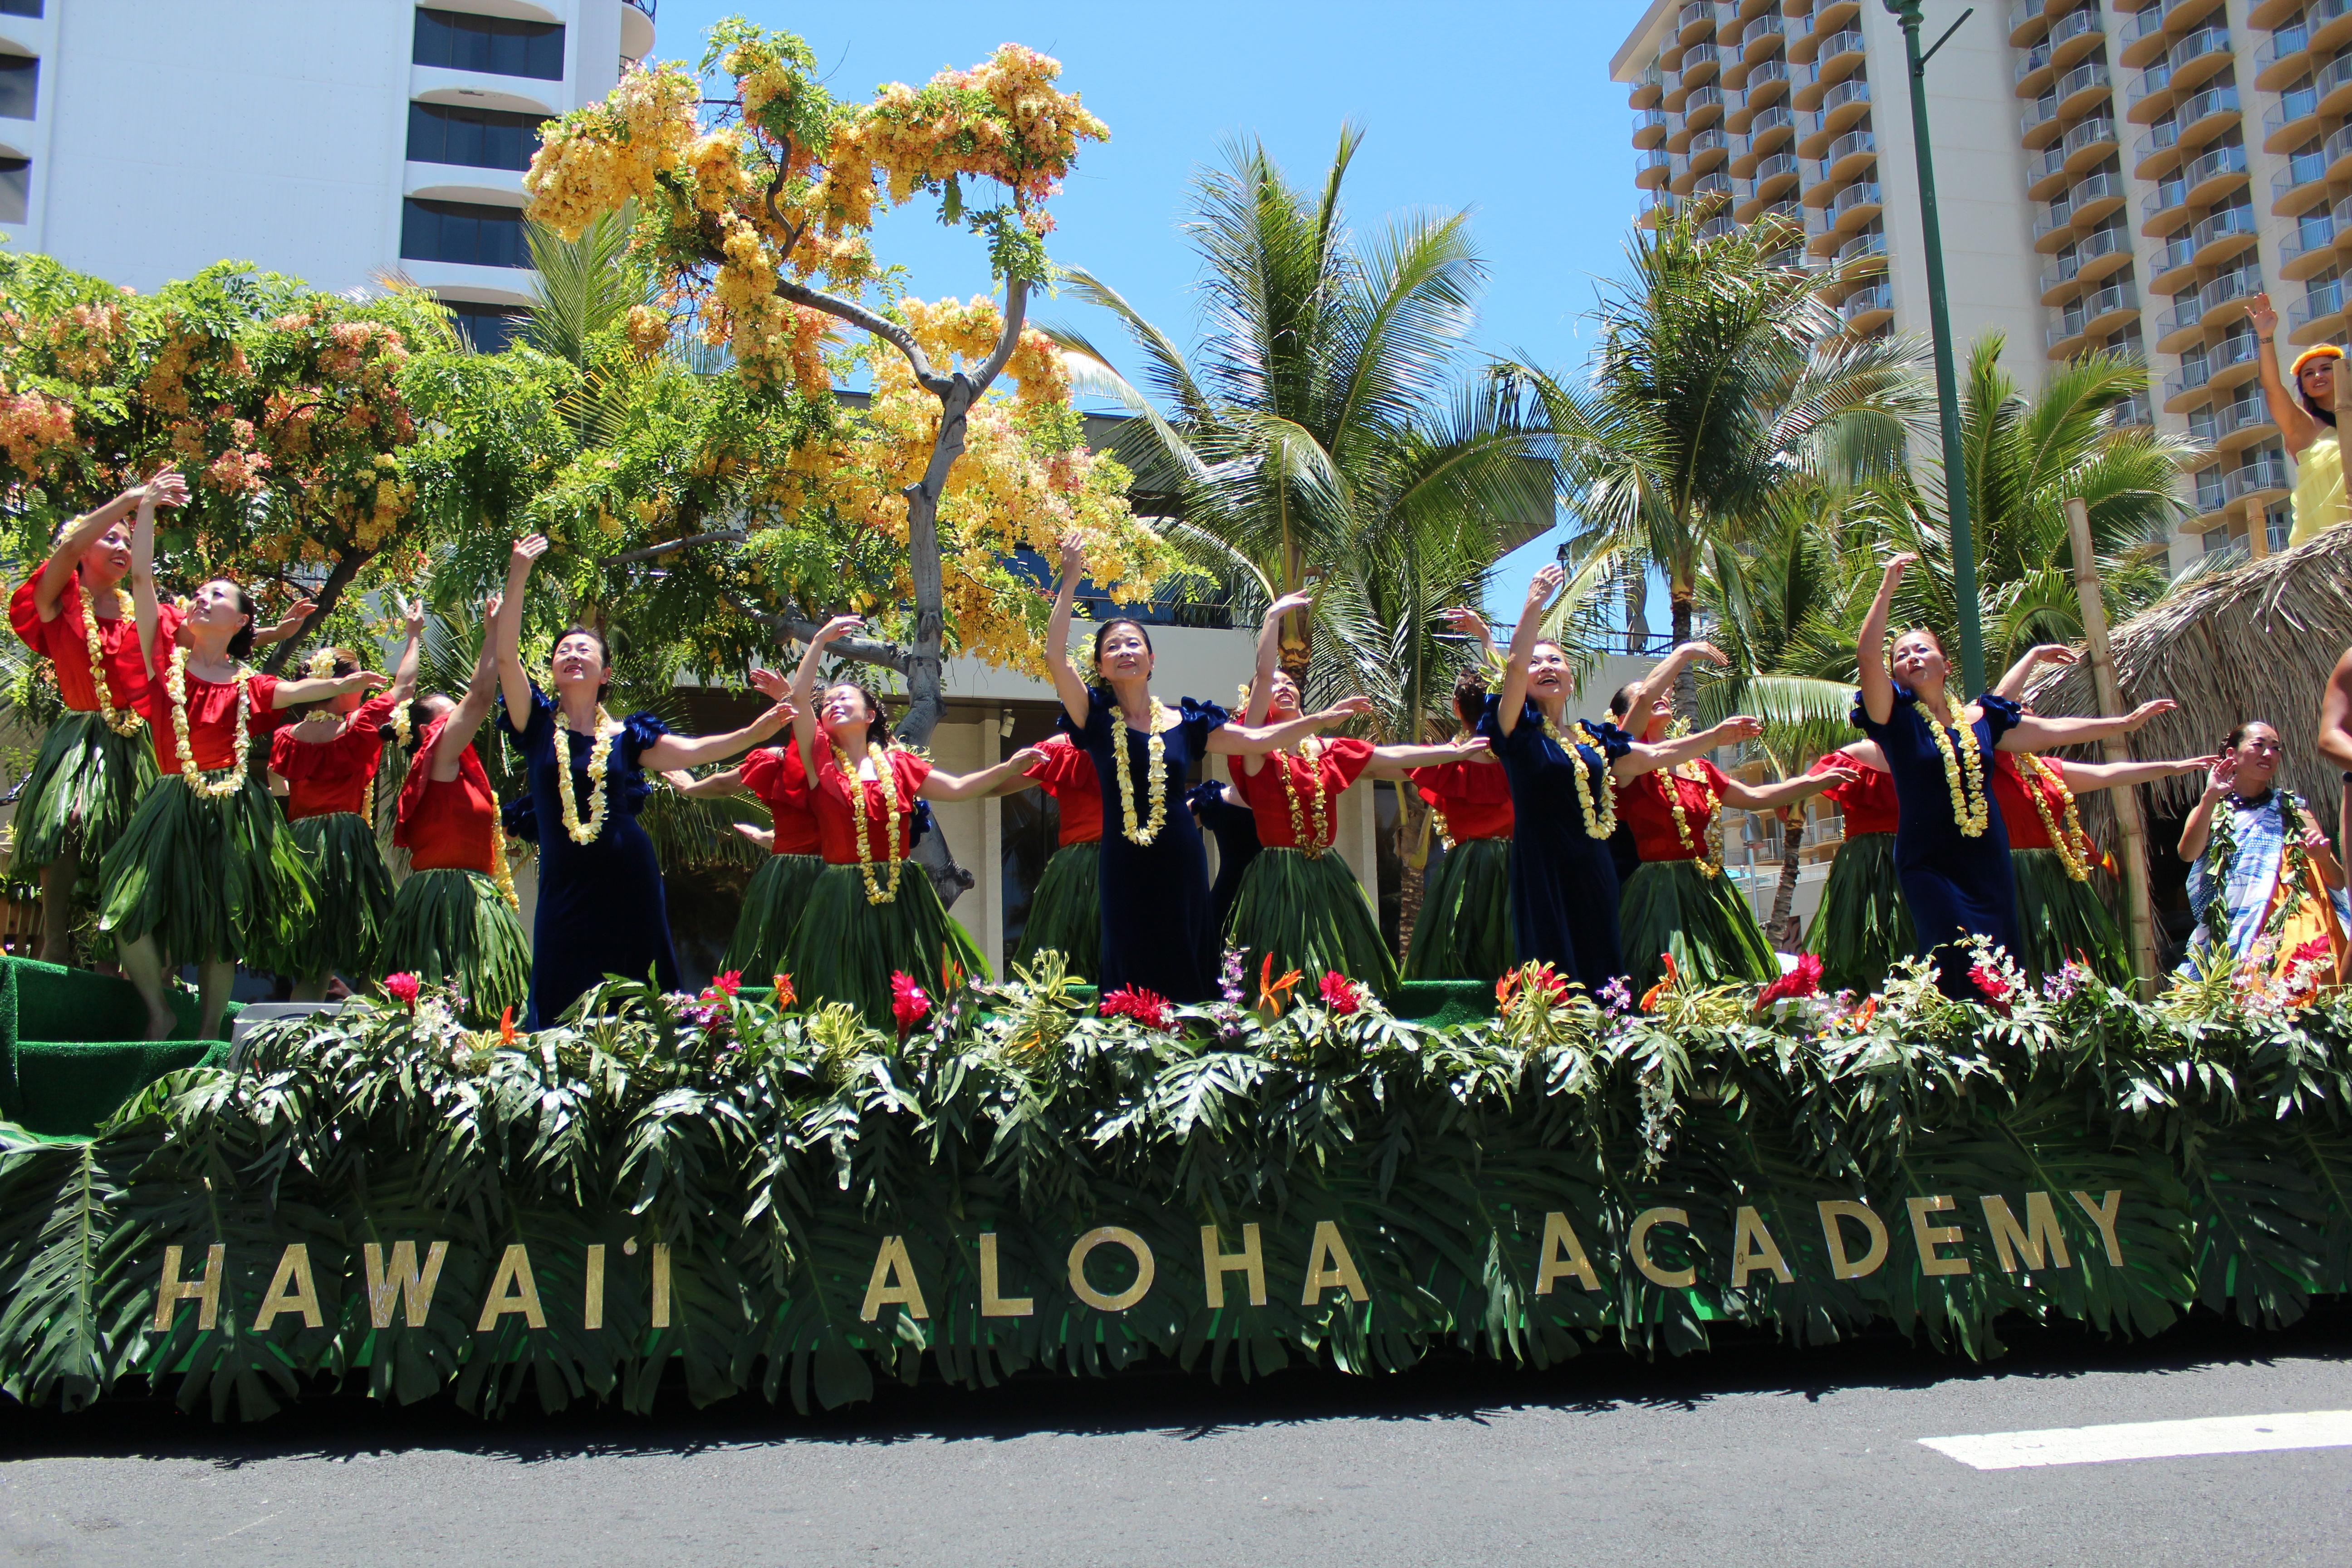 Parade i Waikiki, Hawaii